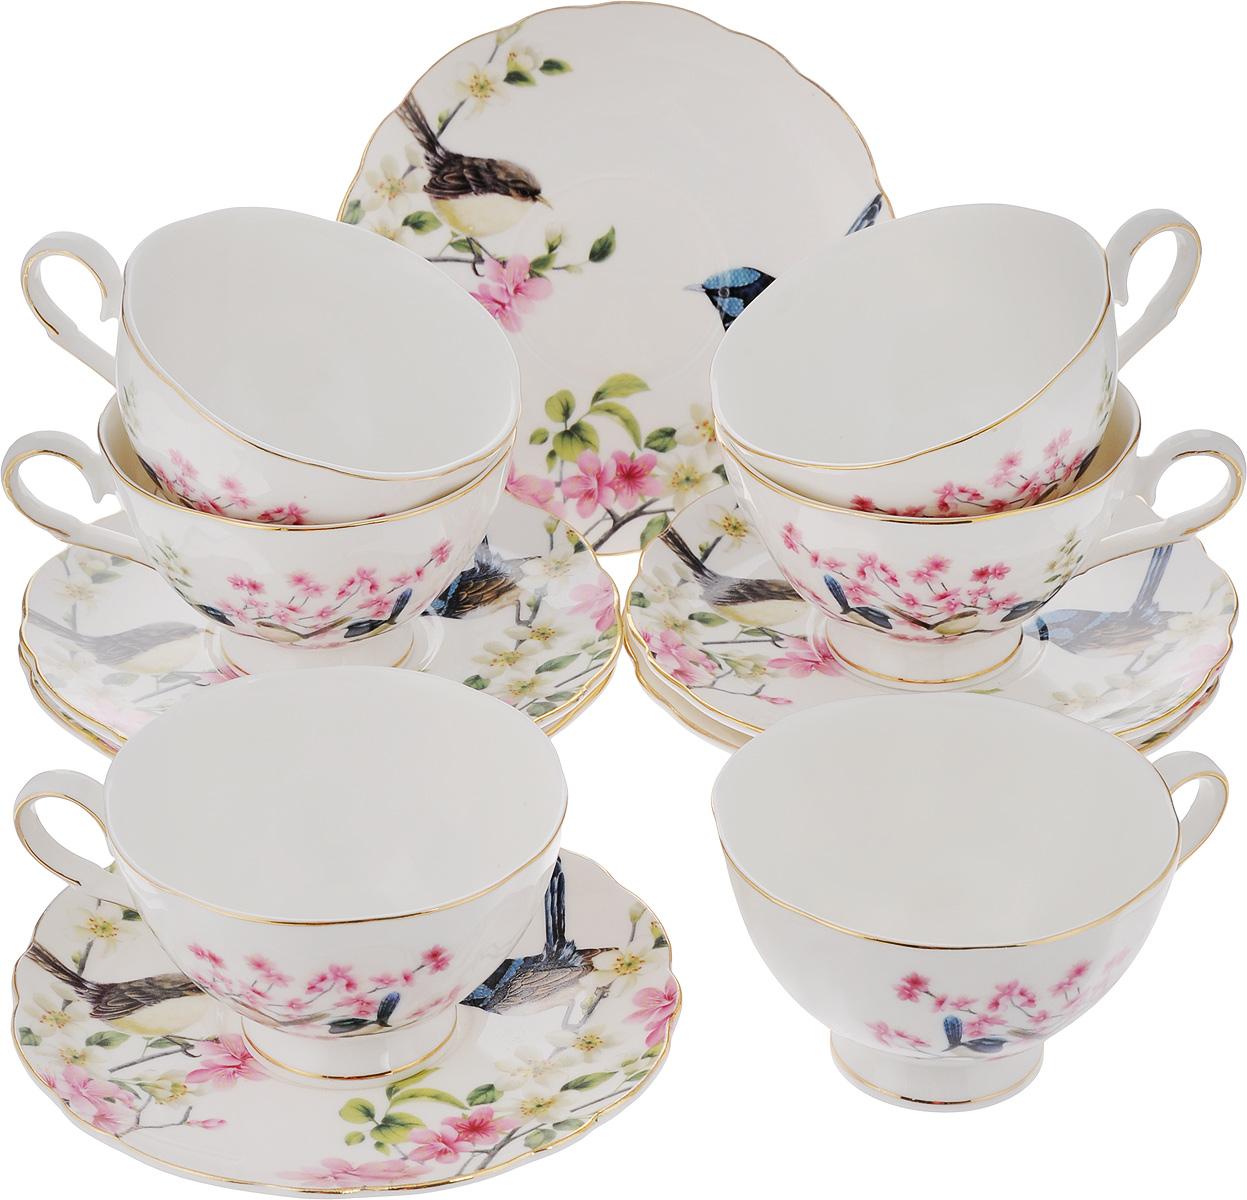 Набор чайный Elan Gallery Райские птички, 12 предметов420025Чайный набор Elan Gallery Райские птички состоит из 6 чашек и 6 блюдец. Изделия, выполненные из высококачественной керамики, имеют элегантный дизайн и классическую круглую форму. Такой набор прекрасно подойдет как для повседневного использования, так и для праздников. Чайный набор Elan Gallery Райские птички - это не только яркий и полезный подарок для родных и близких, а также великолепное дизайнерское решение для вашей кухни или столовой. Не использовать в микроволновой печи. Объем чашки: 220 мл. Диаметр чашки (по верхнему краю): 10 см. Высота чашки: 6,5 см. Диаметр блюдца (по верхнему краю): 15 см. Высота блюдца: 1,5 см.